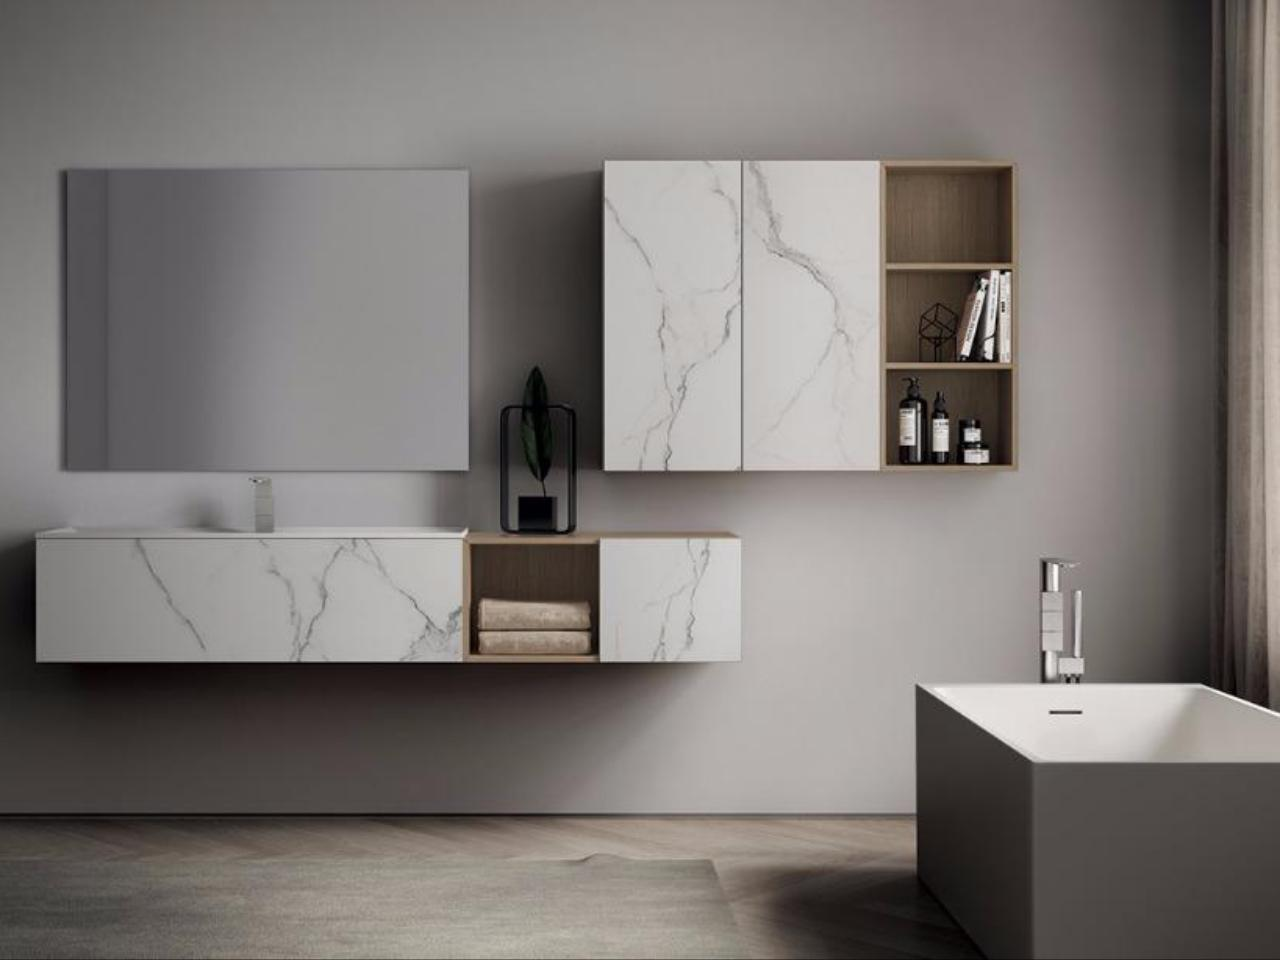 Bagnoidea prodotti e tendenze per arredare il bagno - Idea mobili bagno ...